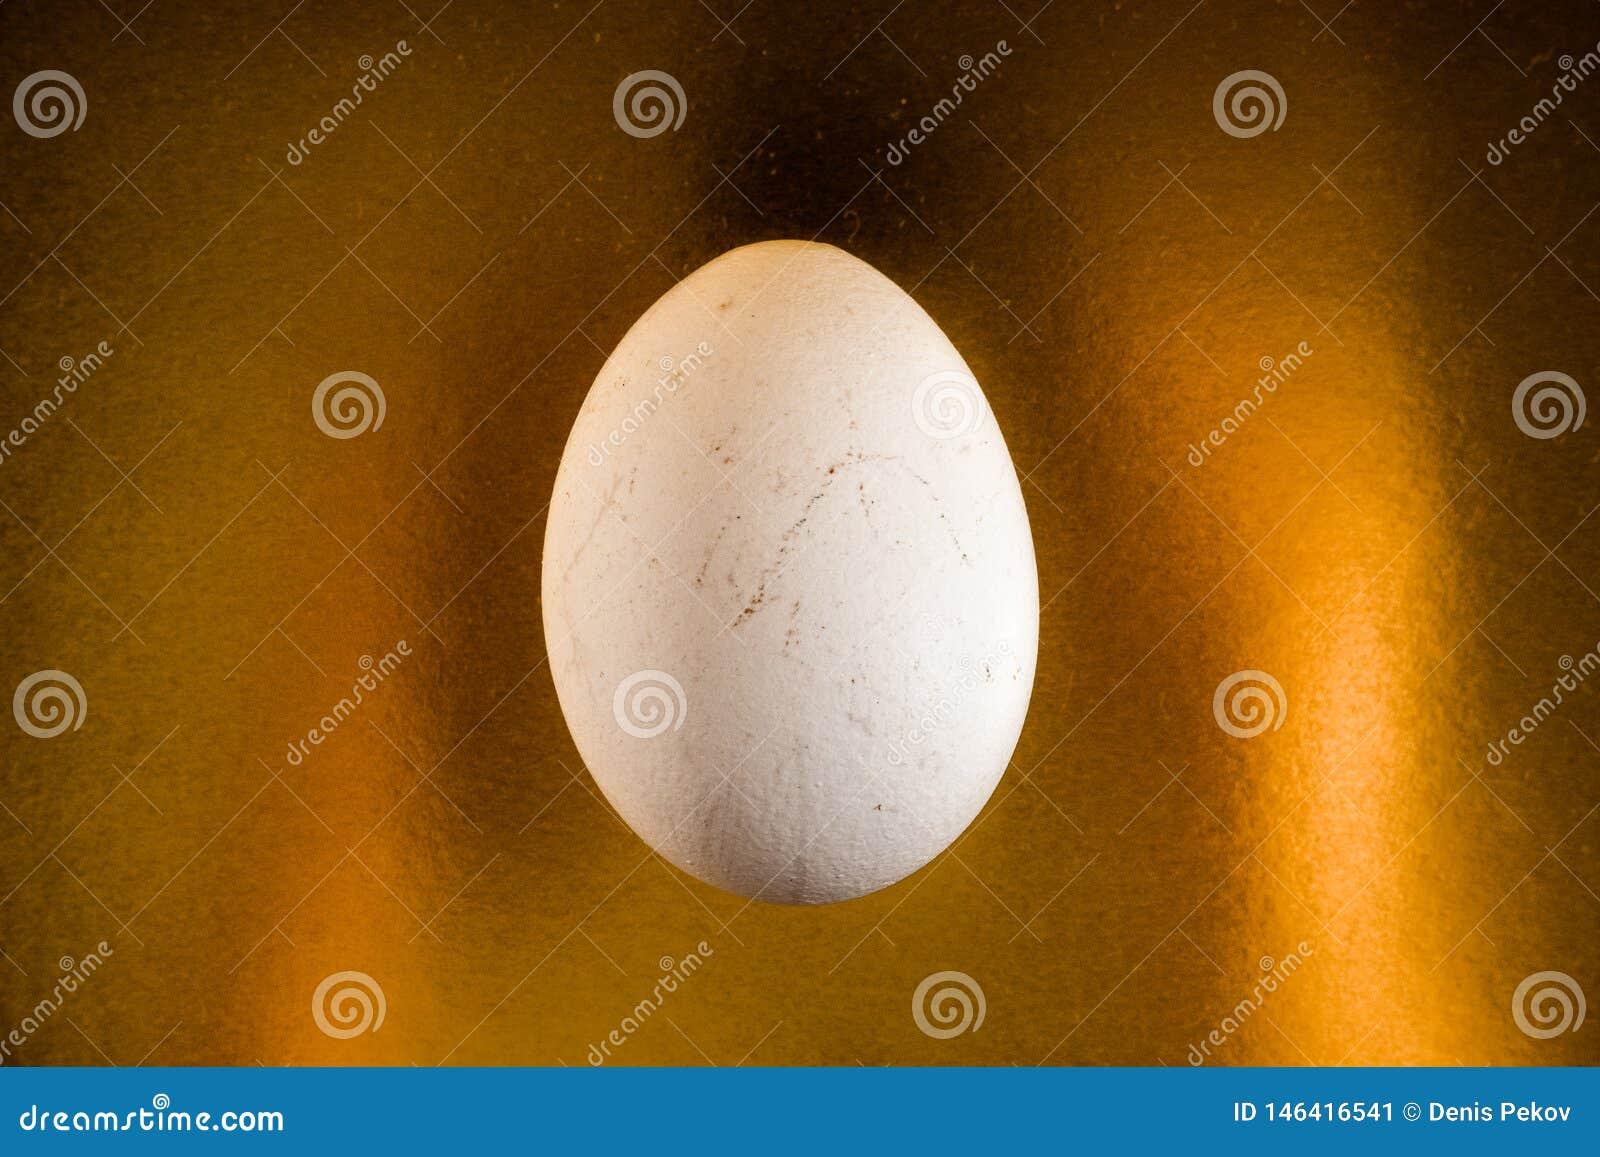 Wit ei op gouden achtergrond